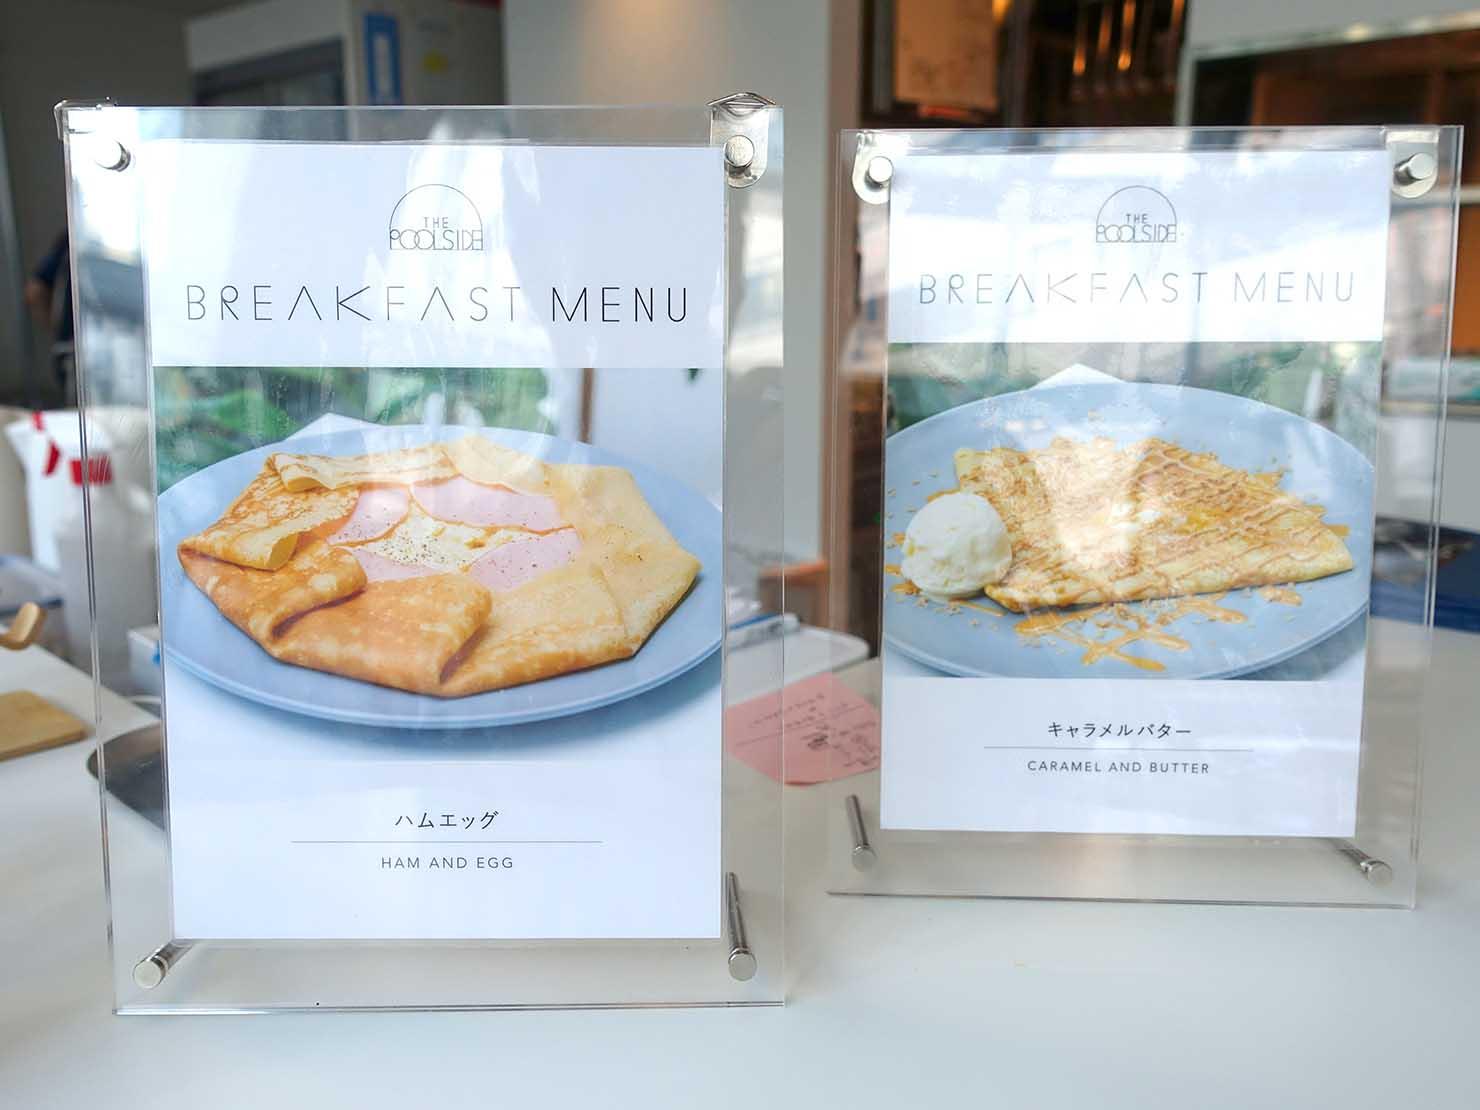 広島・八丁堀のおしゃれなリノベホテル「KIRO広島 The Share Hotels」のダイニング・THE POOLSIDEの選べる朝食クレープ